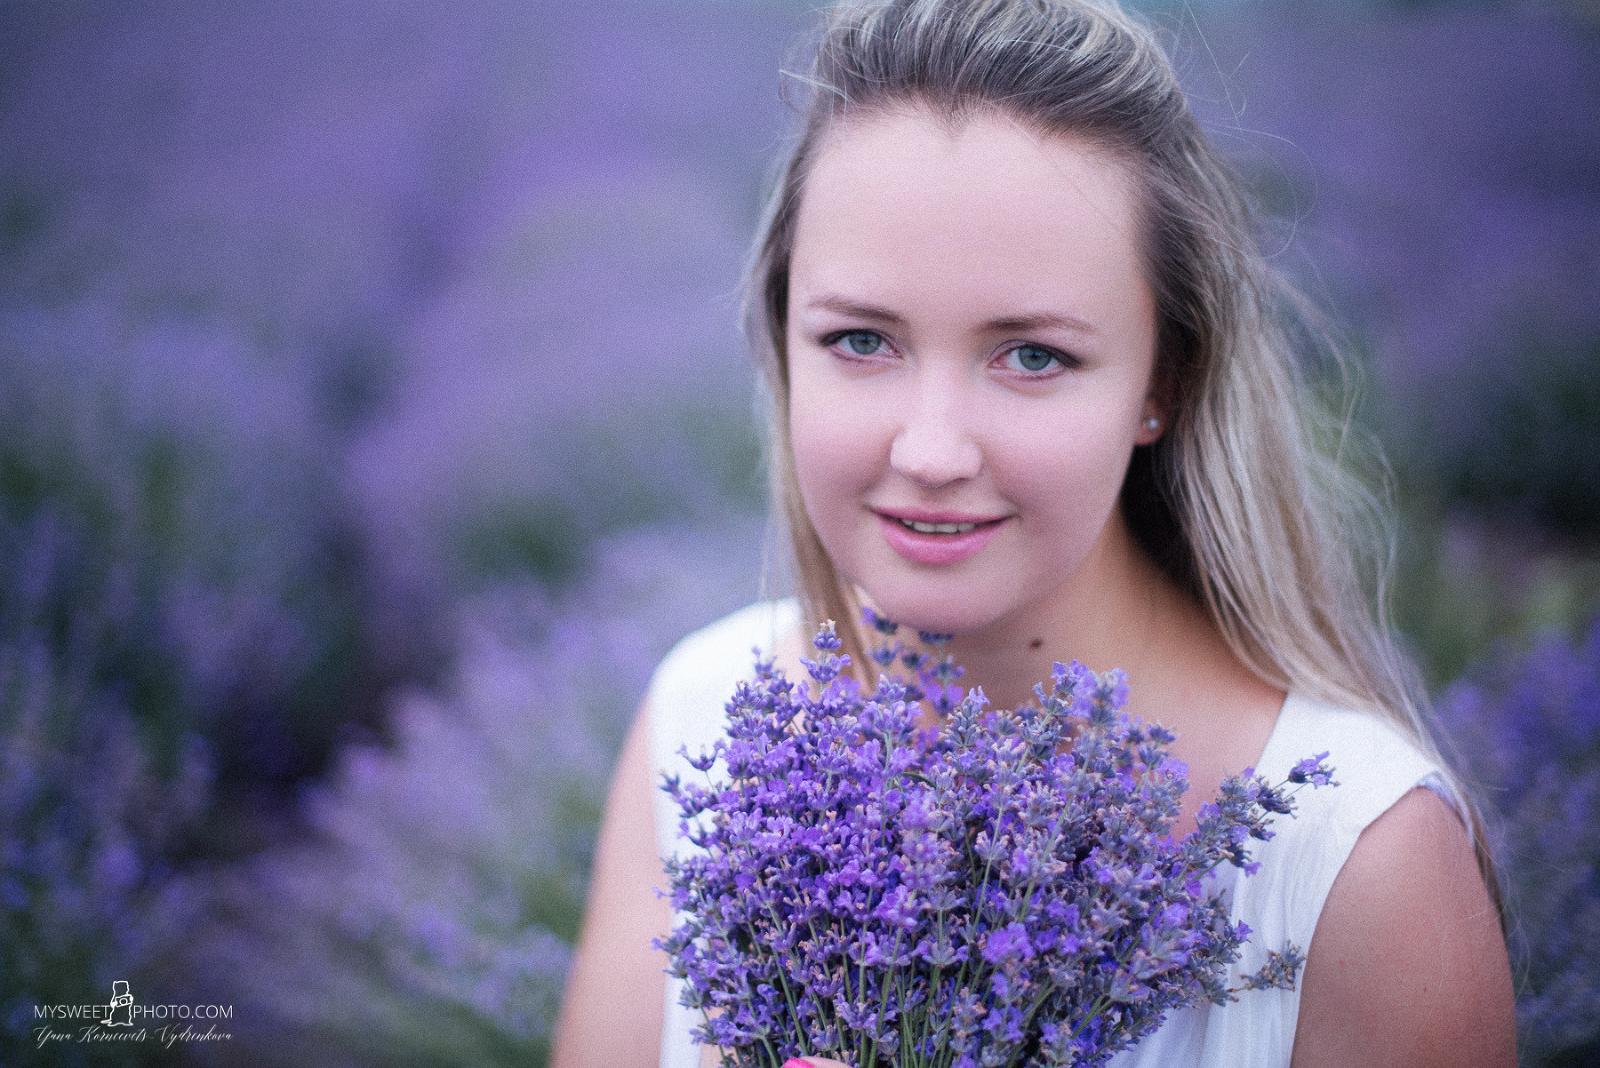 | фотограф Киев | фотосессия Киев | фотосессия в лавандовом поле | индивидуальная фотосессия в Киеве | mysweetphoto.com |